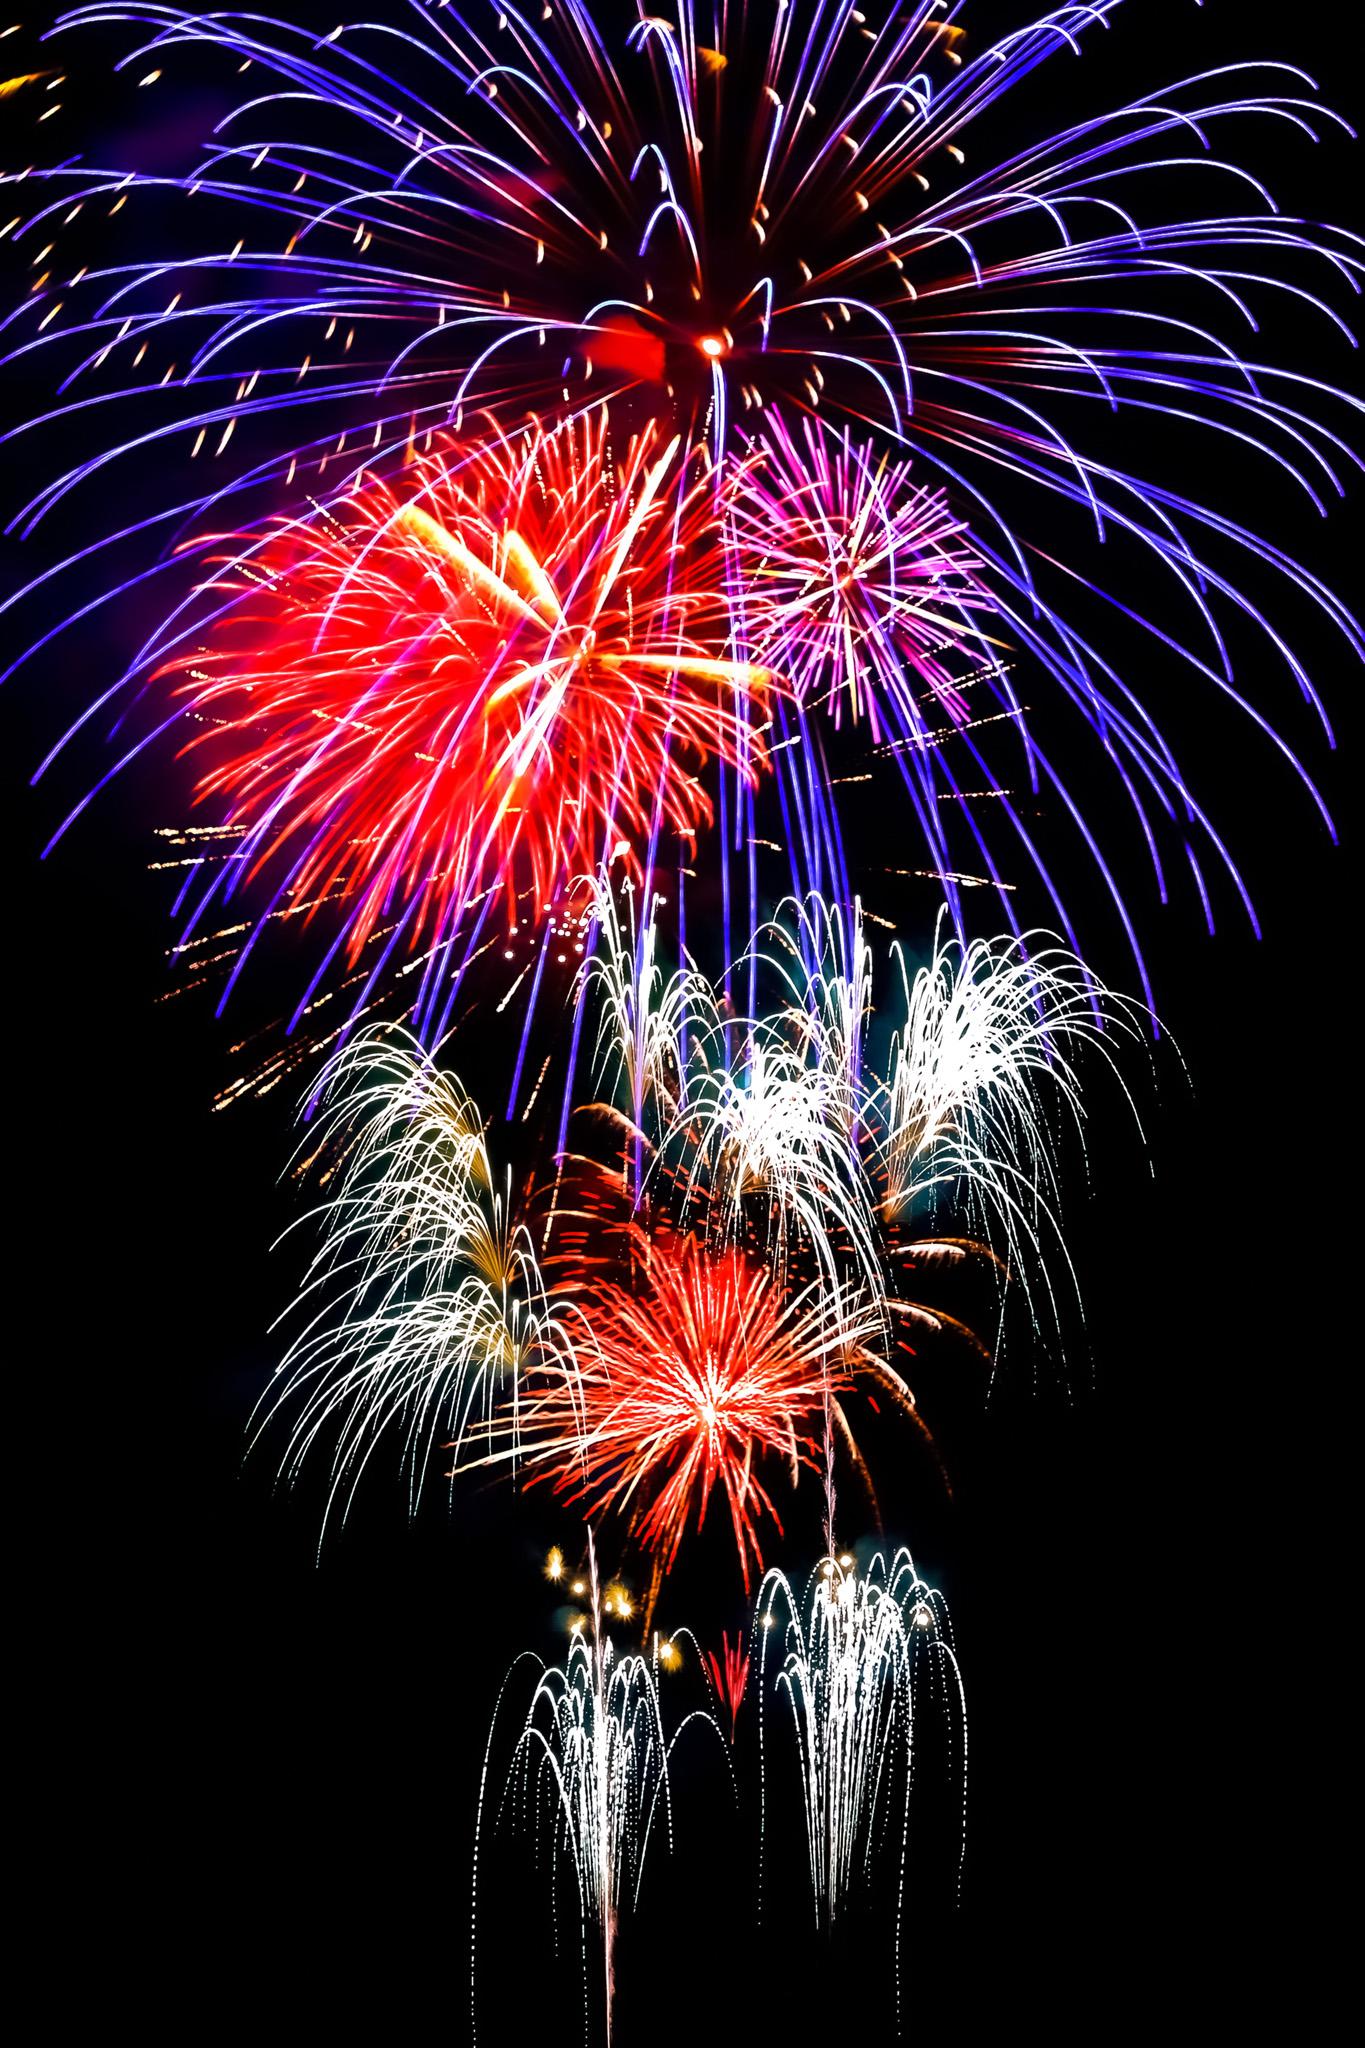 「光が乱舞する花火大会」の画像を無料ダウンロード